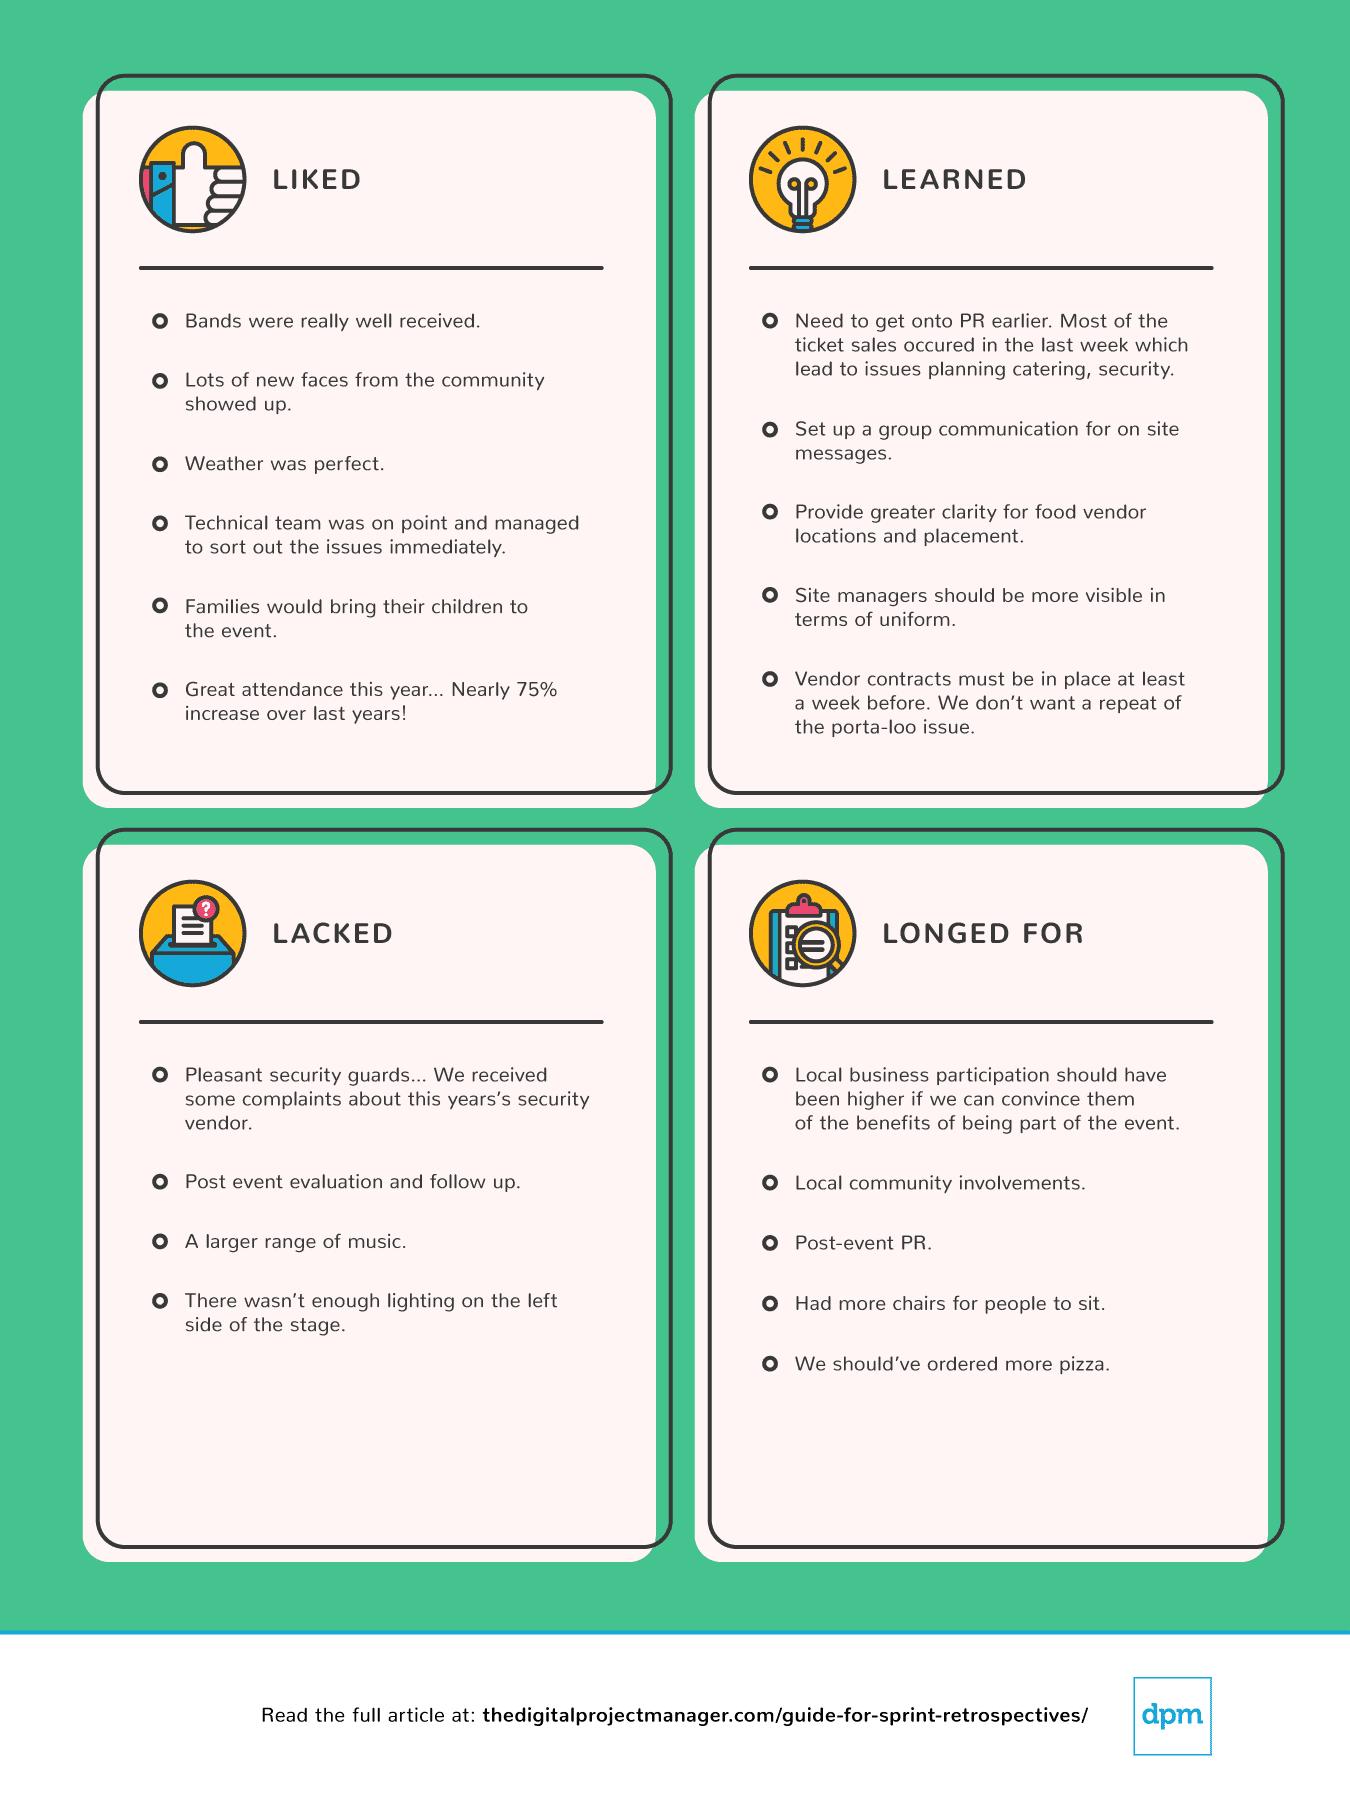 Guide-For-Sprint-Retrospectives-Four-Ls